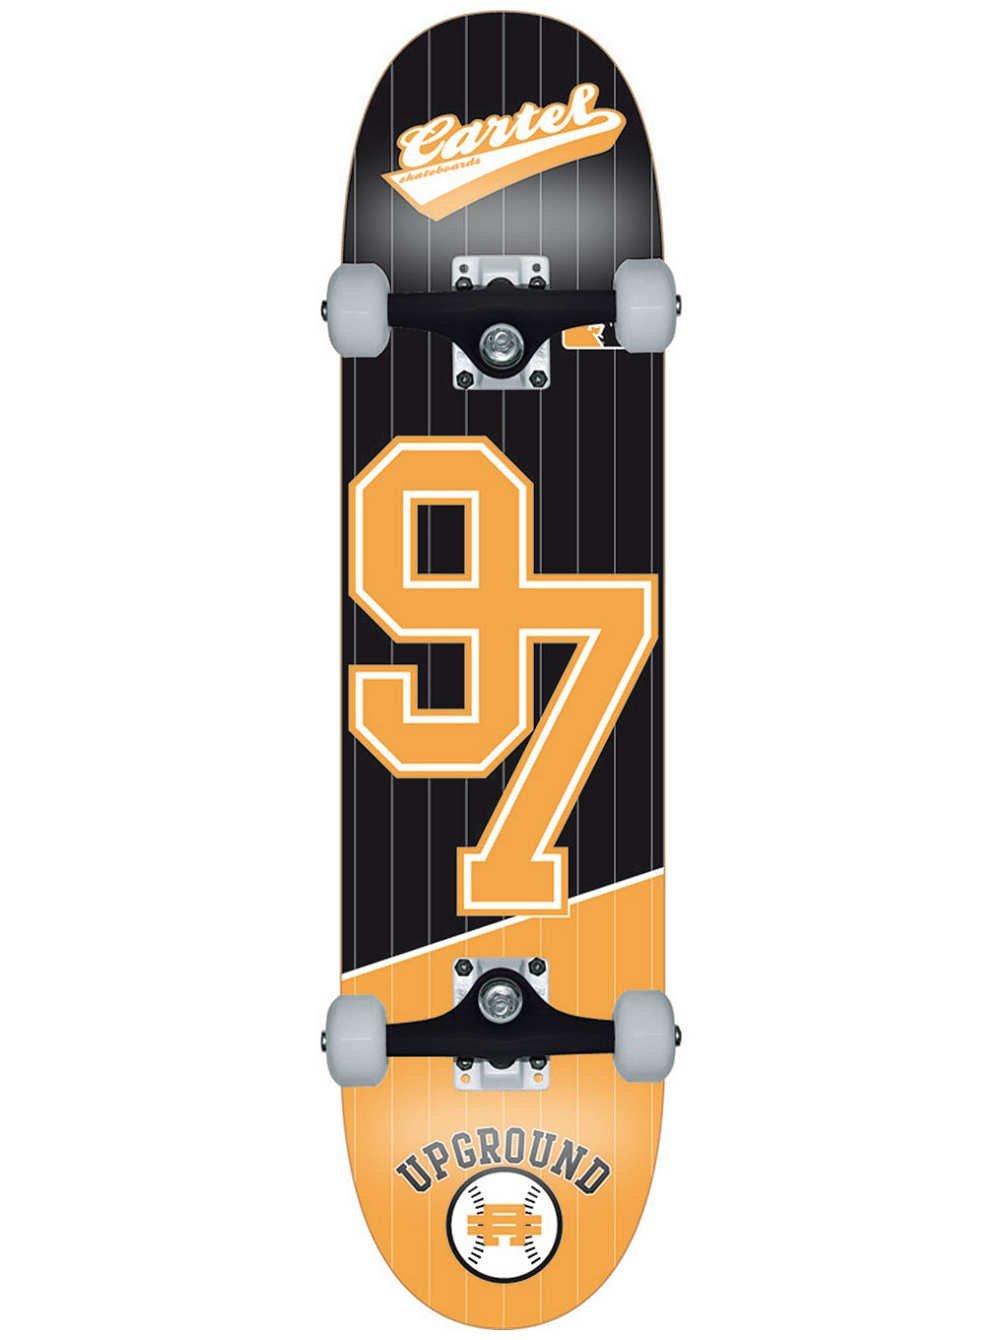 detailing 10eb1 2e88c Cartello mkdca7801 Skateboard Jaws Arancione 31,5 cm, cm, cm, unisex,  MKDCA7801, Upground arancia, Taglia unica B017ZHPVR2 Parent   Qualità   Il  Nuovo ...